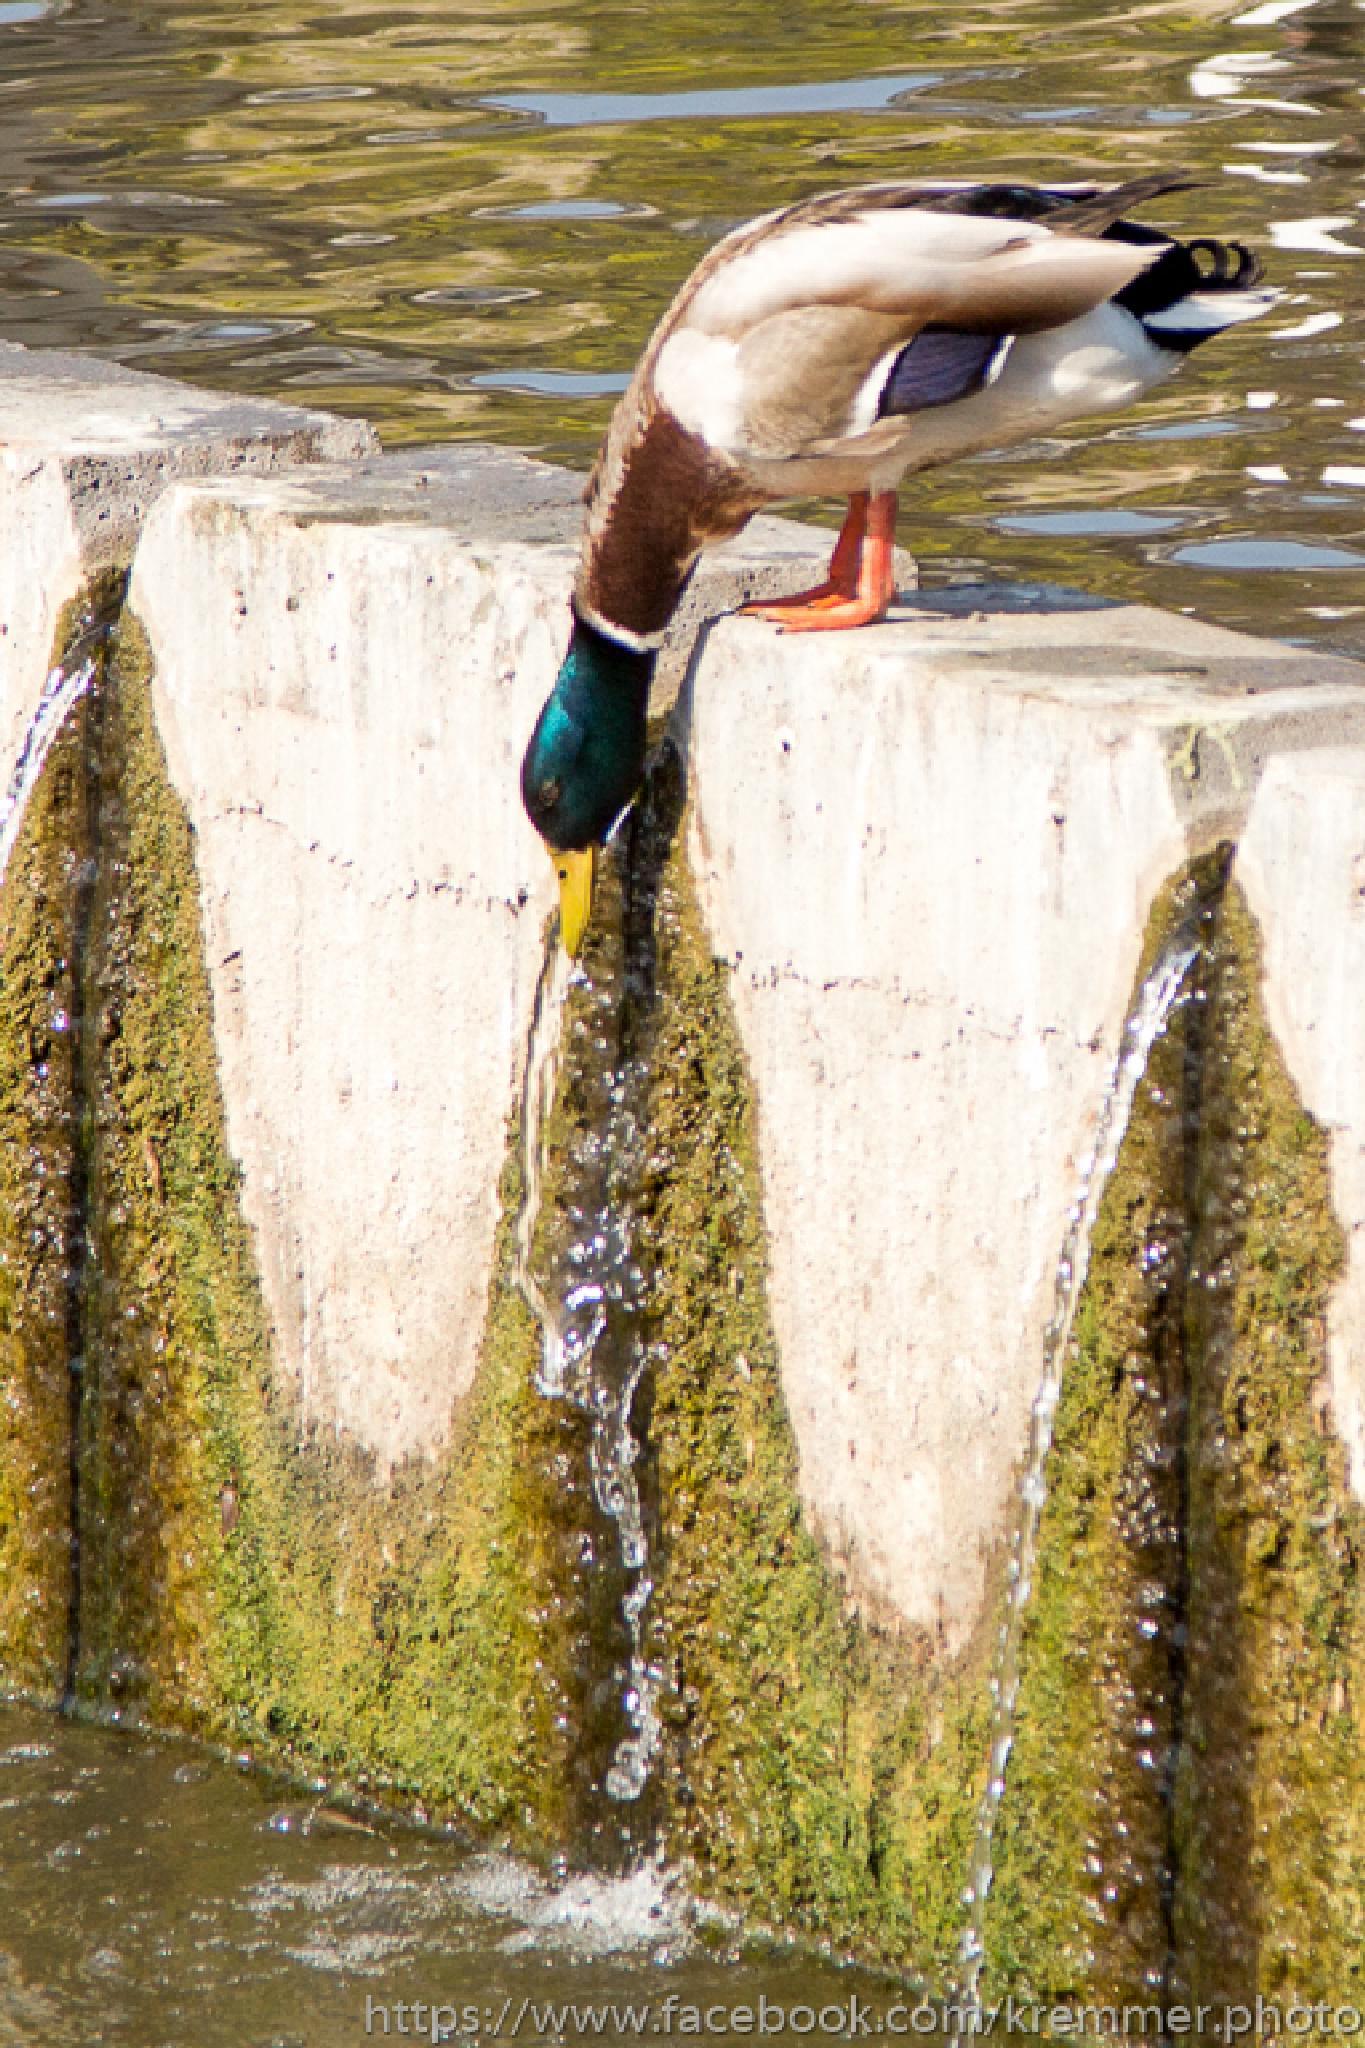 Wild duck in City Park lake by Laszlo J.Kremmer